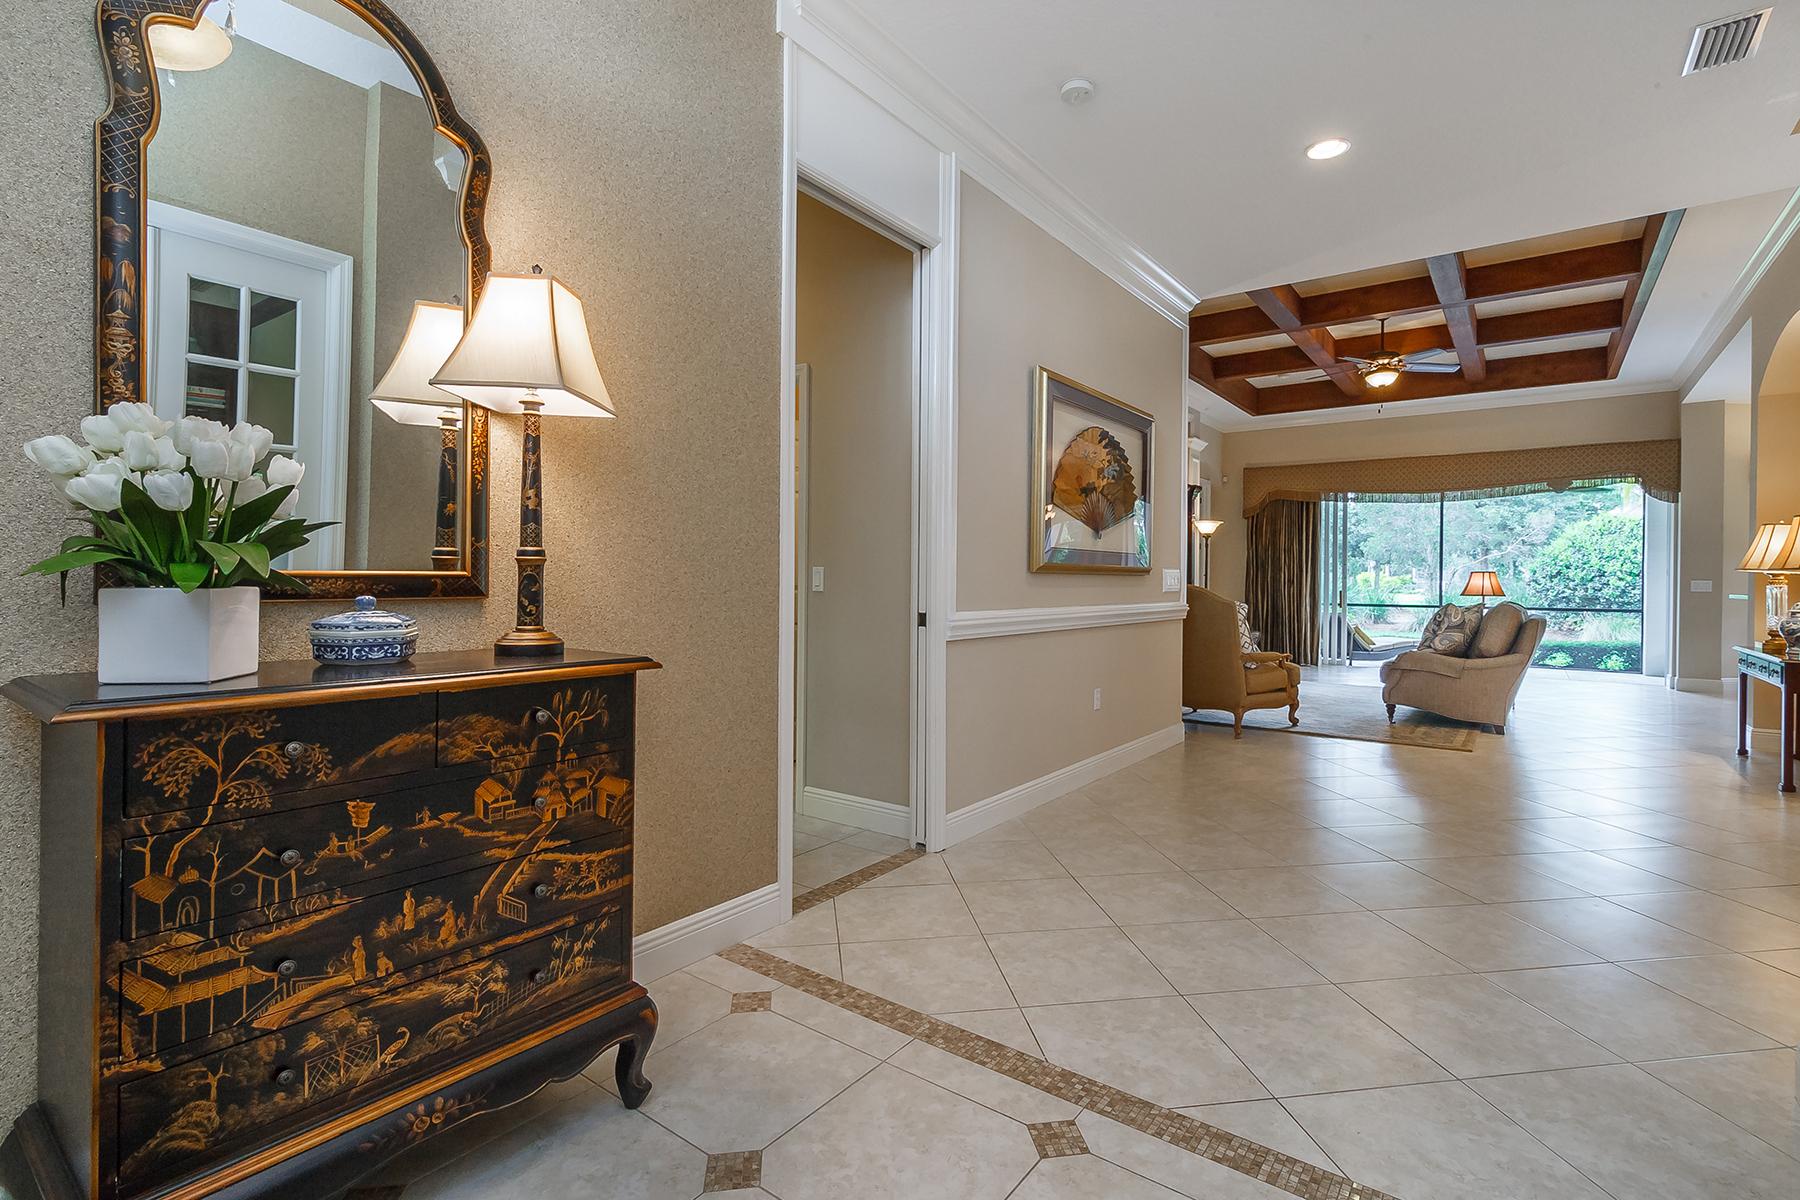 Einfamilienhaus für Verkauf beim LAKEWOOD RANCH 12418 Thornhill Ct Lakewood Ranch, Florida, 34202 Vereinigte Staaten